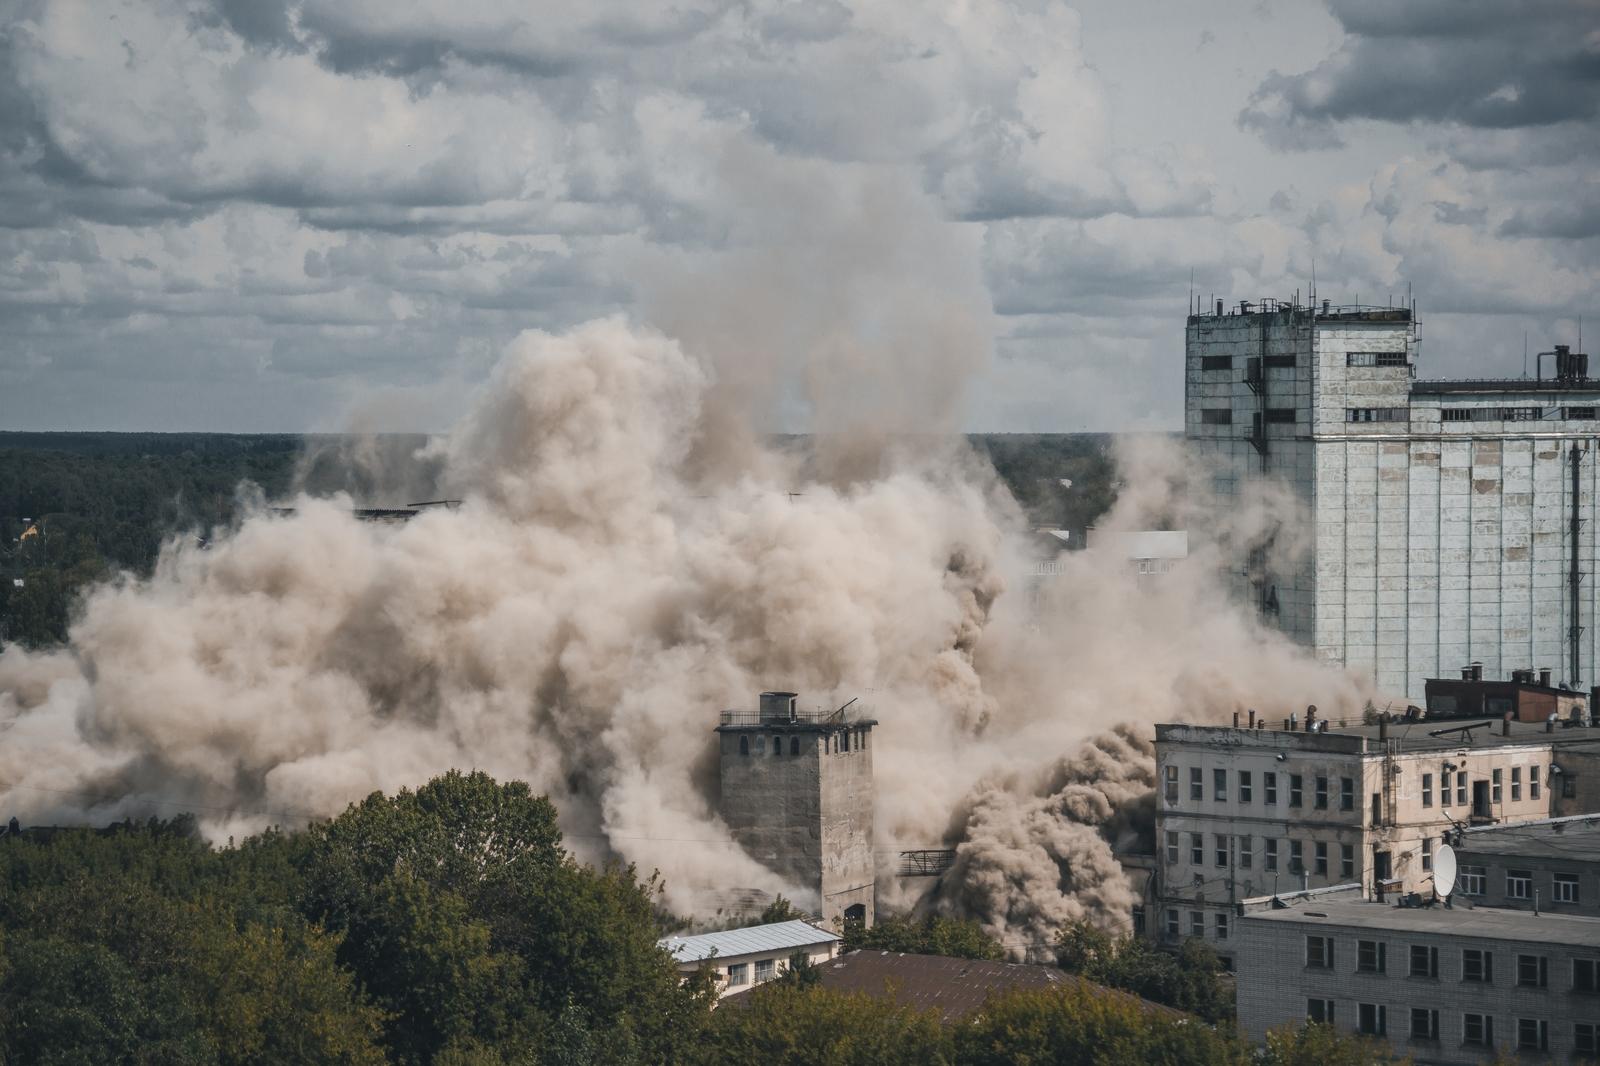 Элеватор взрыва последние новости ключевского элеватора алтайский край